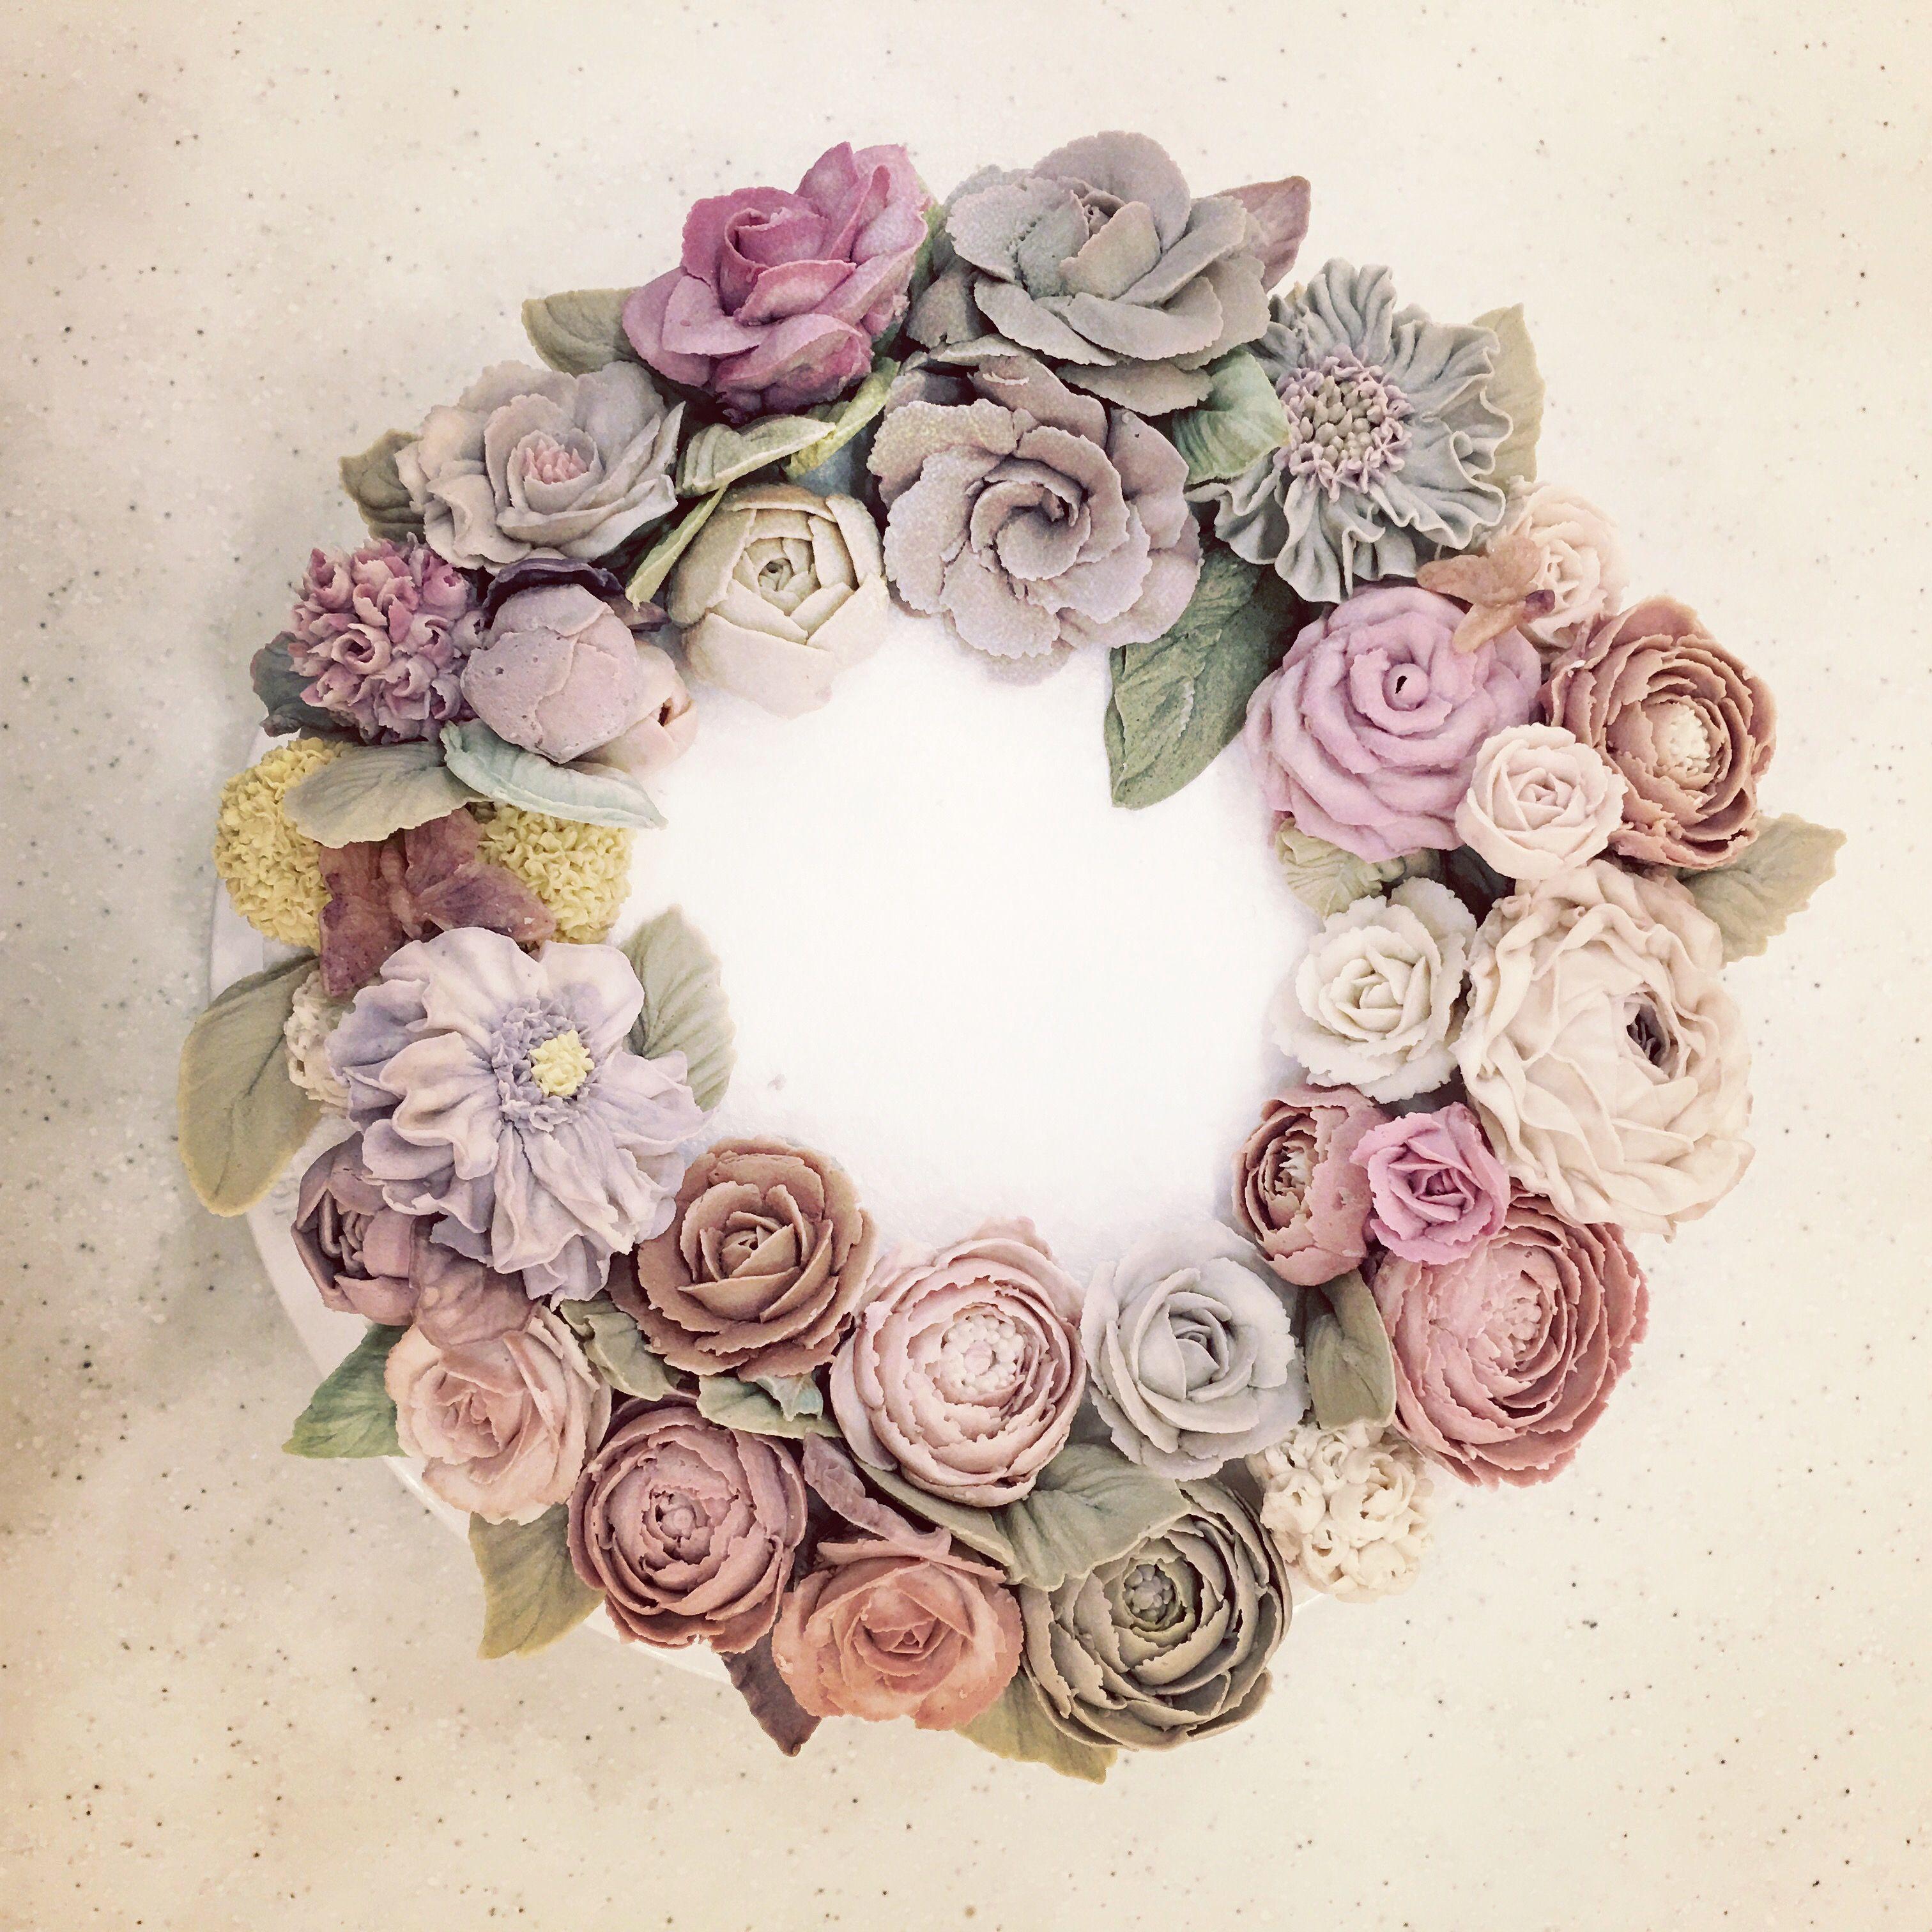 잉여 앙금 활용 놀이-수강생분이 남기고 가신 앙금꽃들과 조색 앙금을 오븐에 살짝 말려 얹어 두니 조화롭진 않아도 리스 형태가 완성됐네요.ㅎㅎ  #use_of_surplus#beanpasteflower#driedflower#wreath#moroocake#modeling#sample#모루케이크#살짝만흔들어도우수수#떨어지면깨짐#잉여앙금놀이#서울강서케이크공방#케이크스타그램🎂 www.moroocake.com. 📱order&class: 010.6238.1063 📱kakaotalk ID: moroo1004